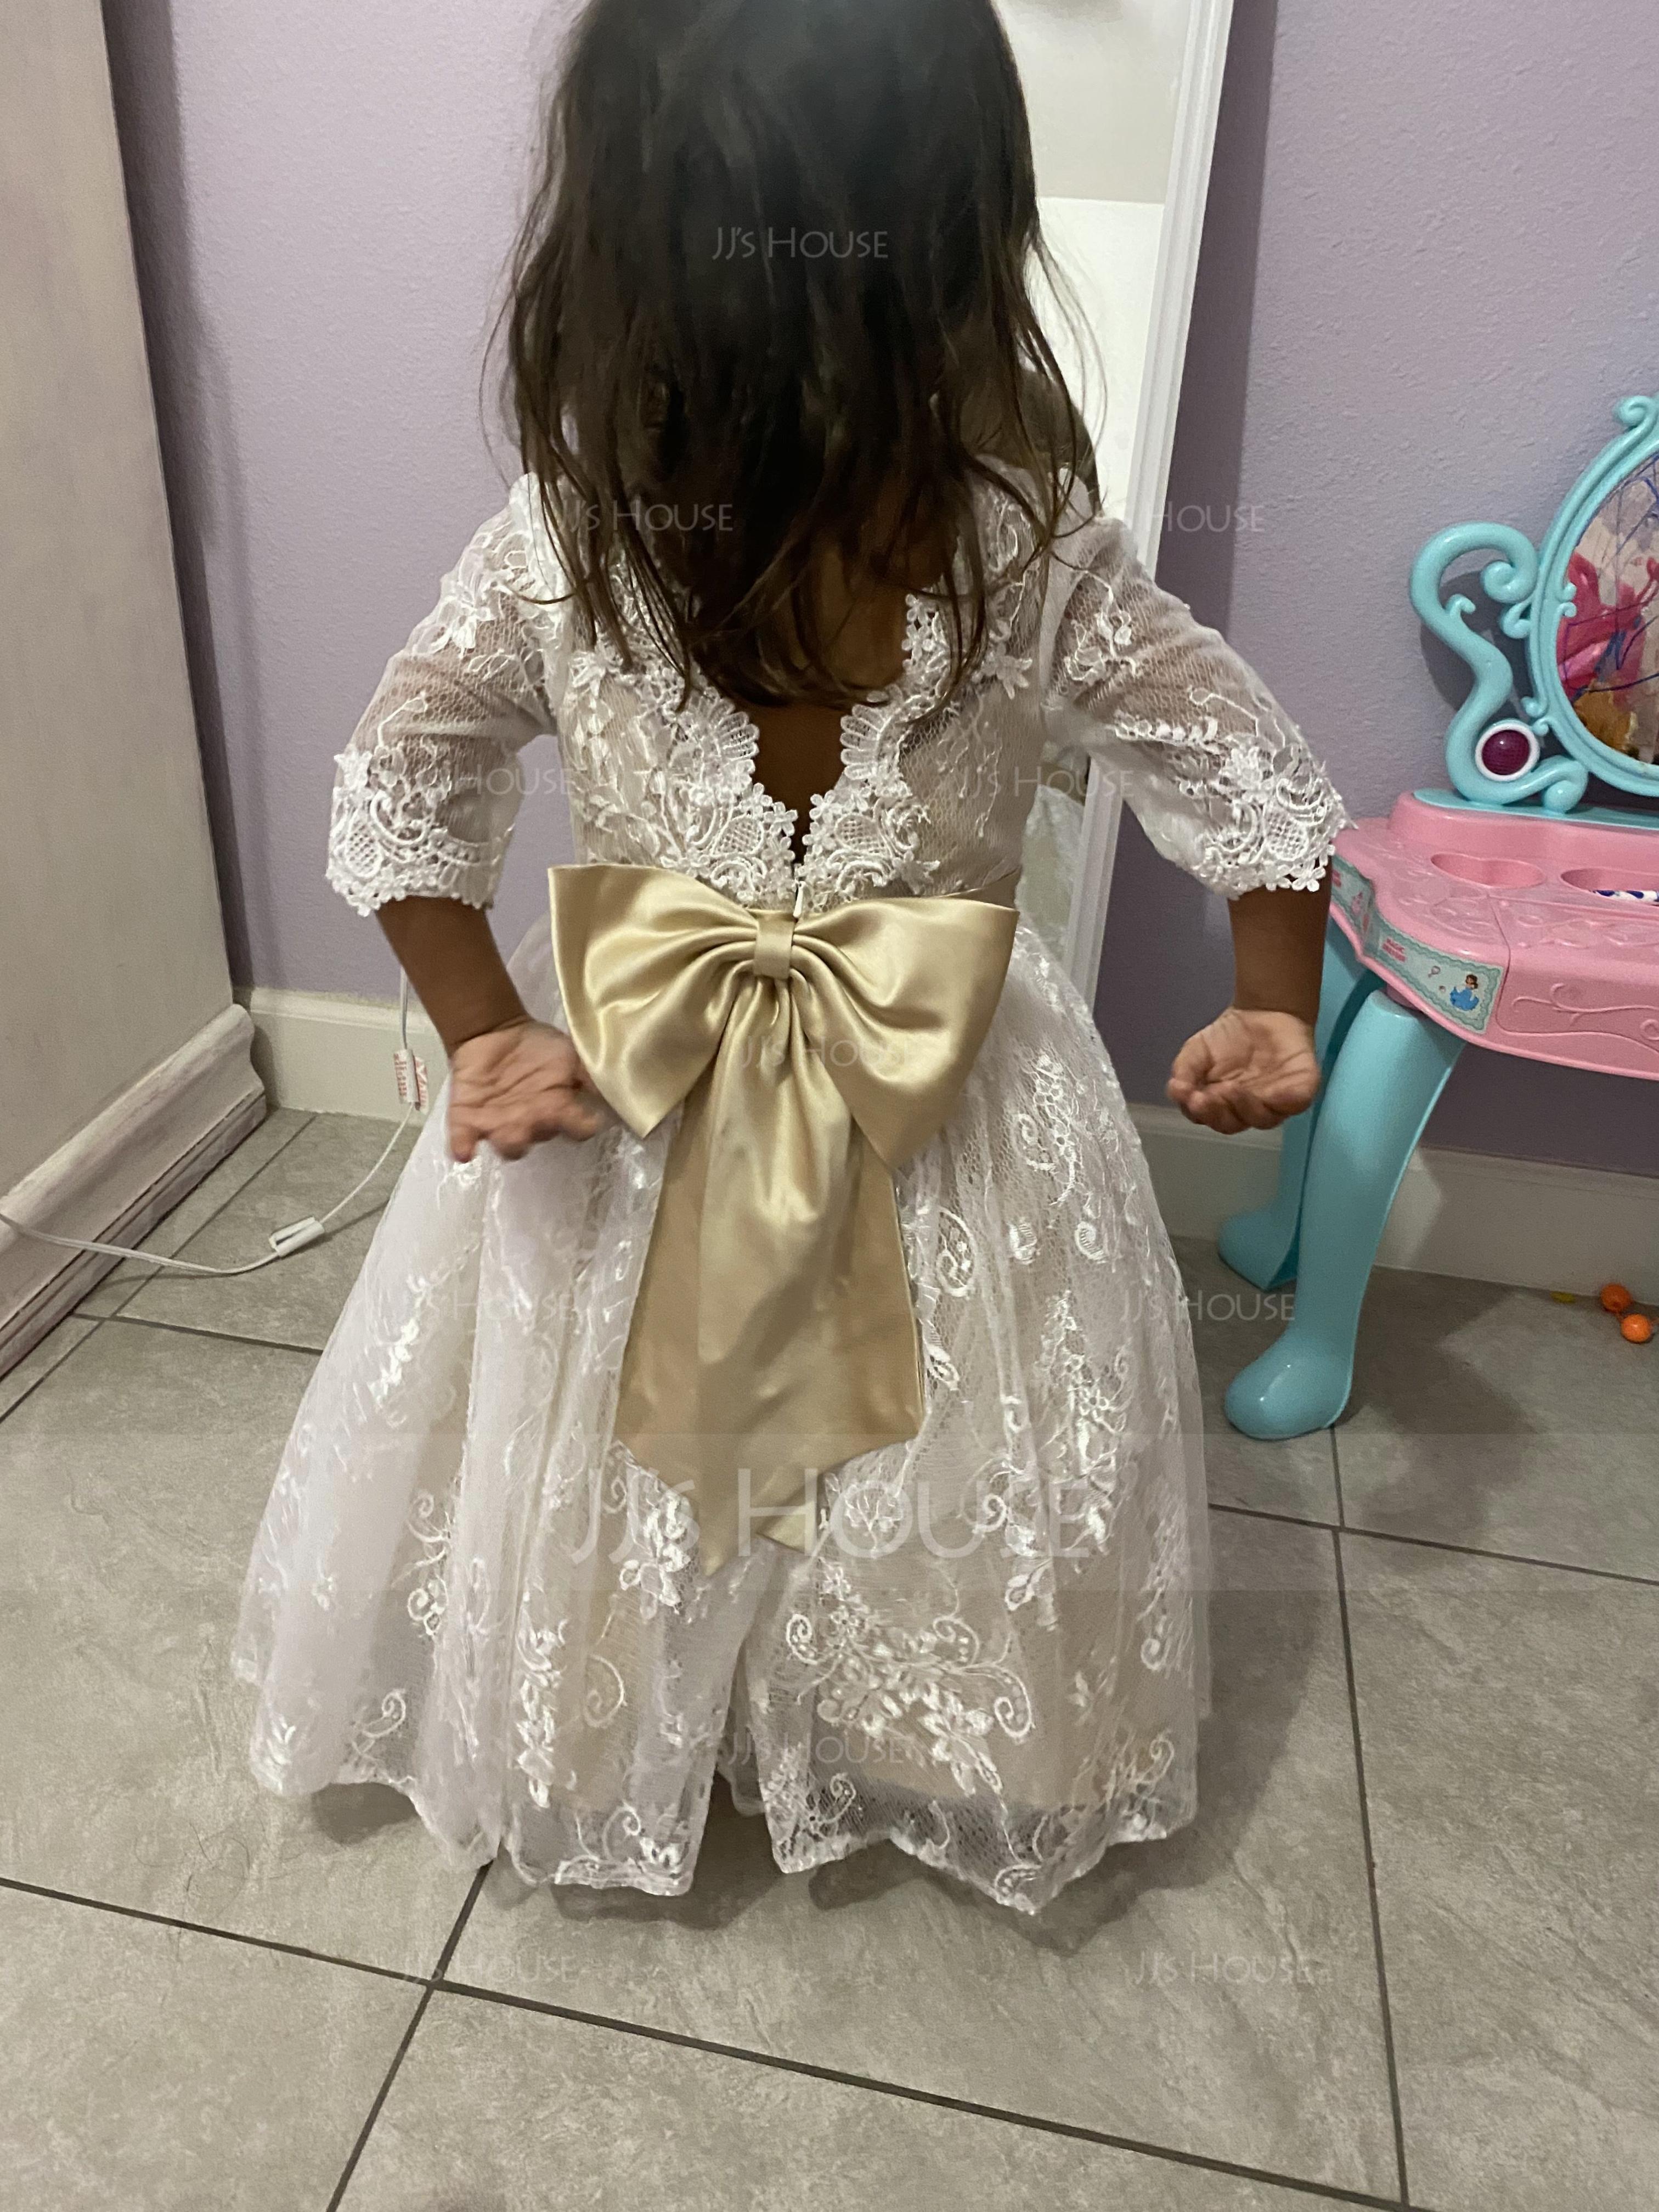 Aライン マキシレングス フラワーガールのドレス - チュール/レース 3/4 袖 スクープネック とともに 弓